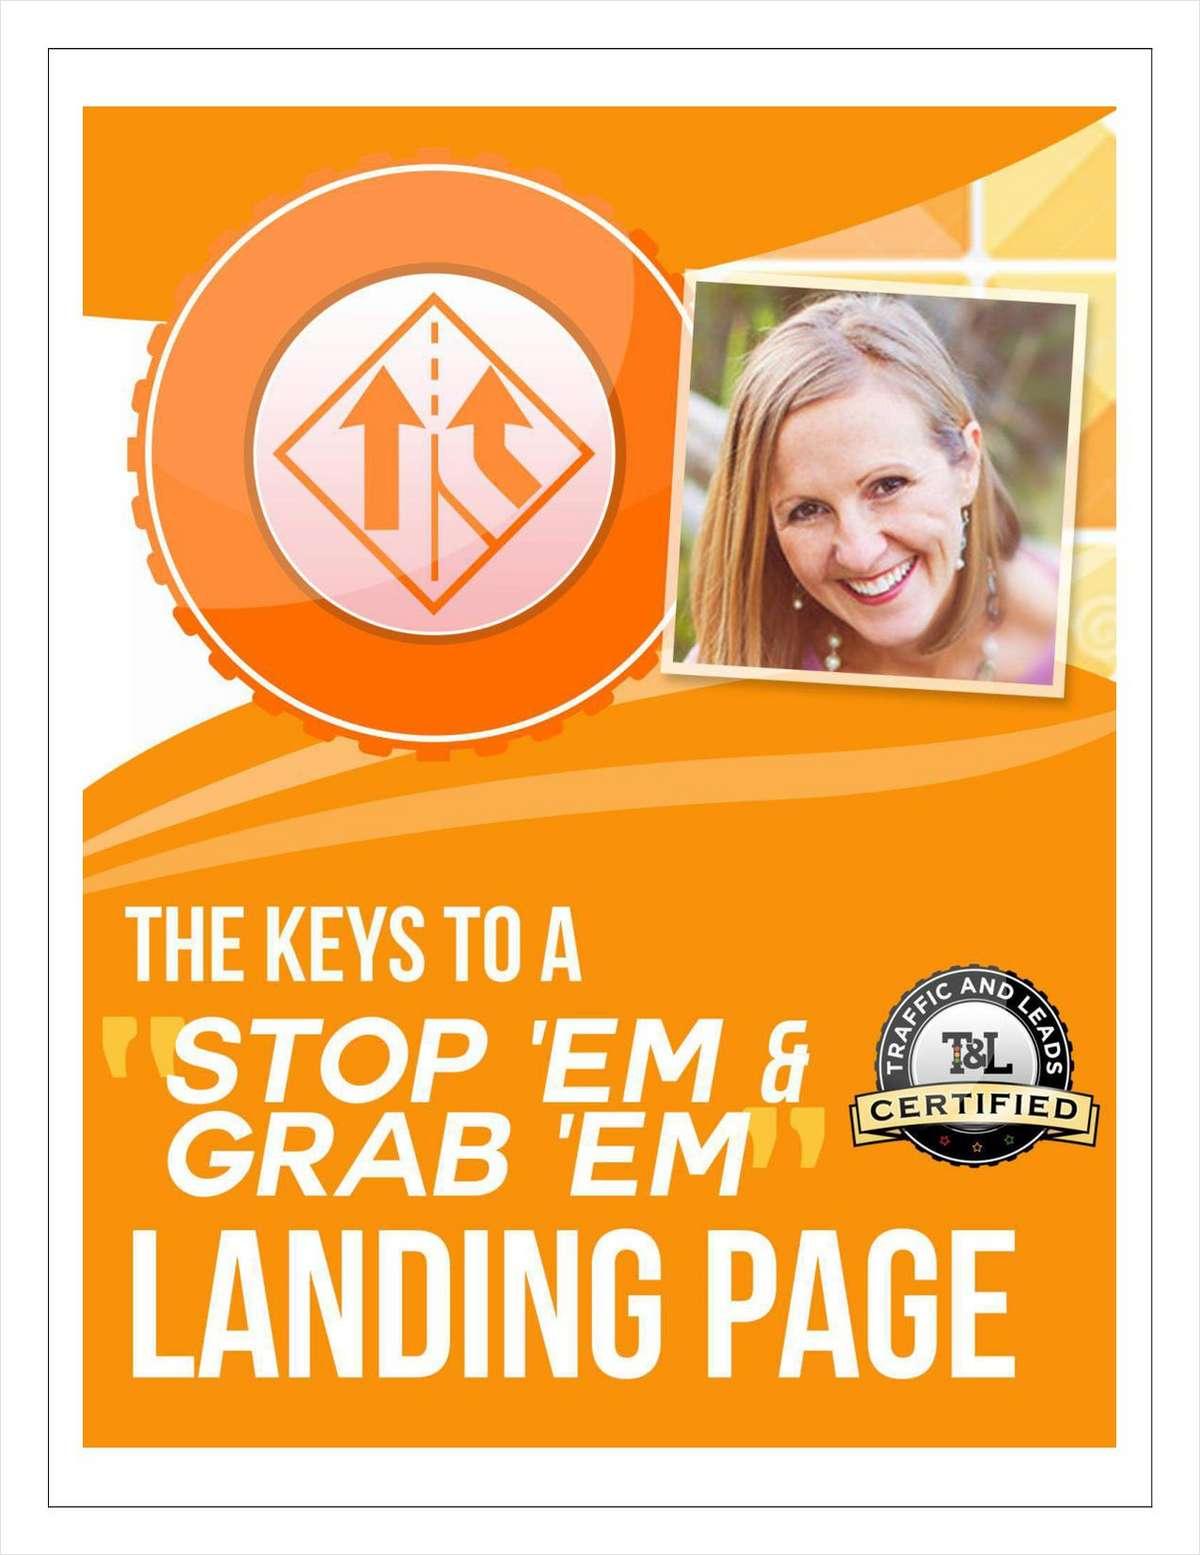 The Keys to a 'Stop 'em & Grab 'em' Landing Page